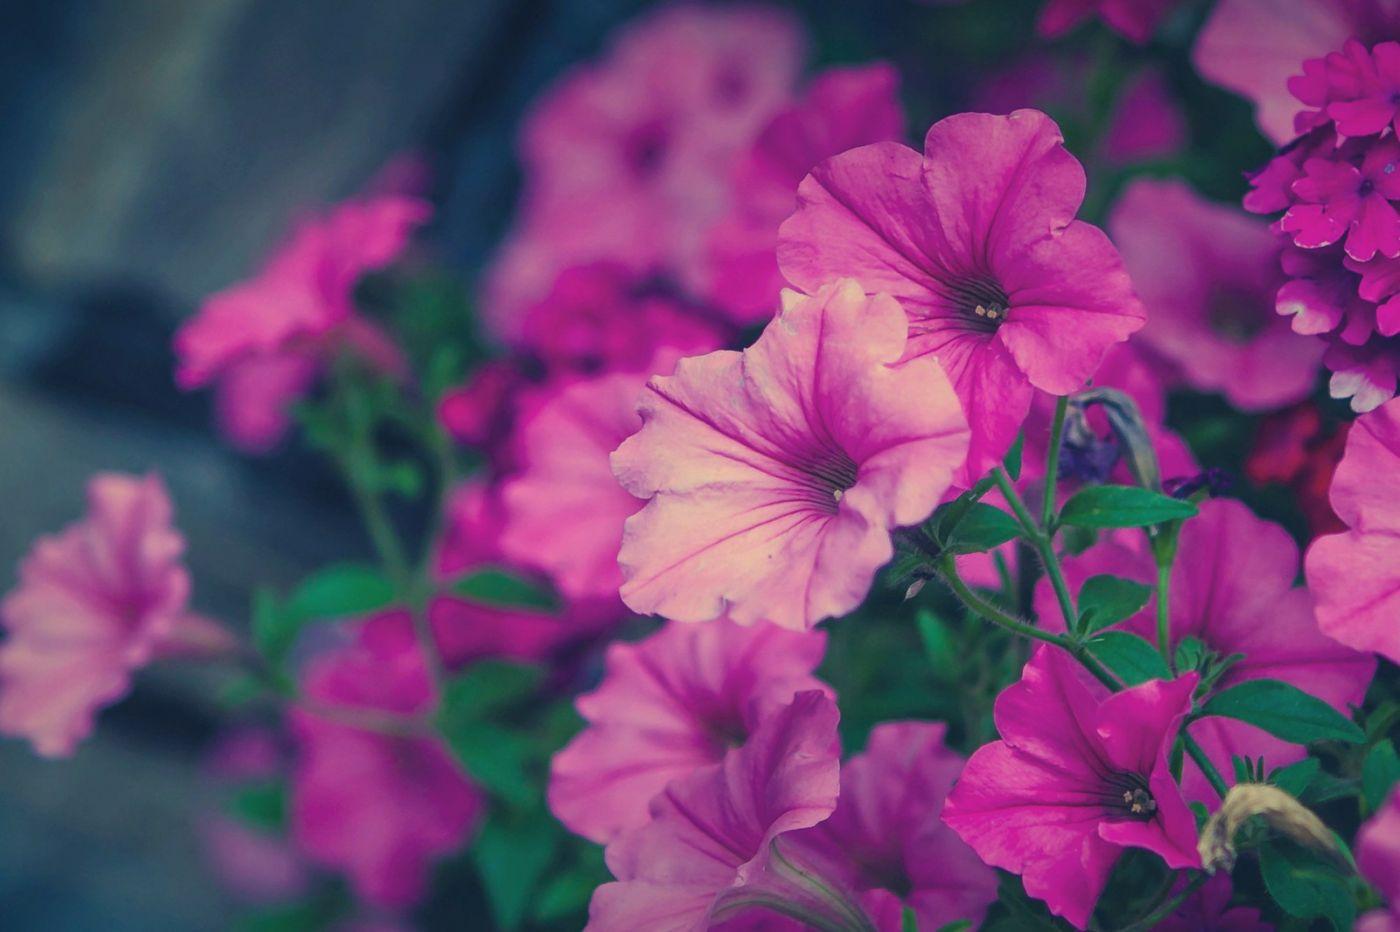 花儿你为什么这么美_图1-24